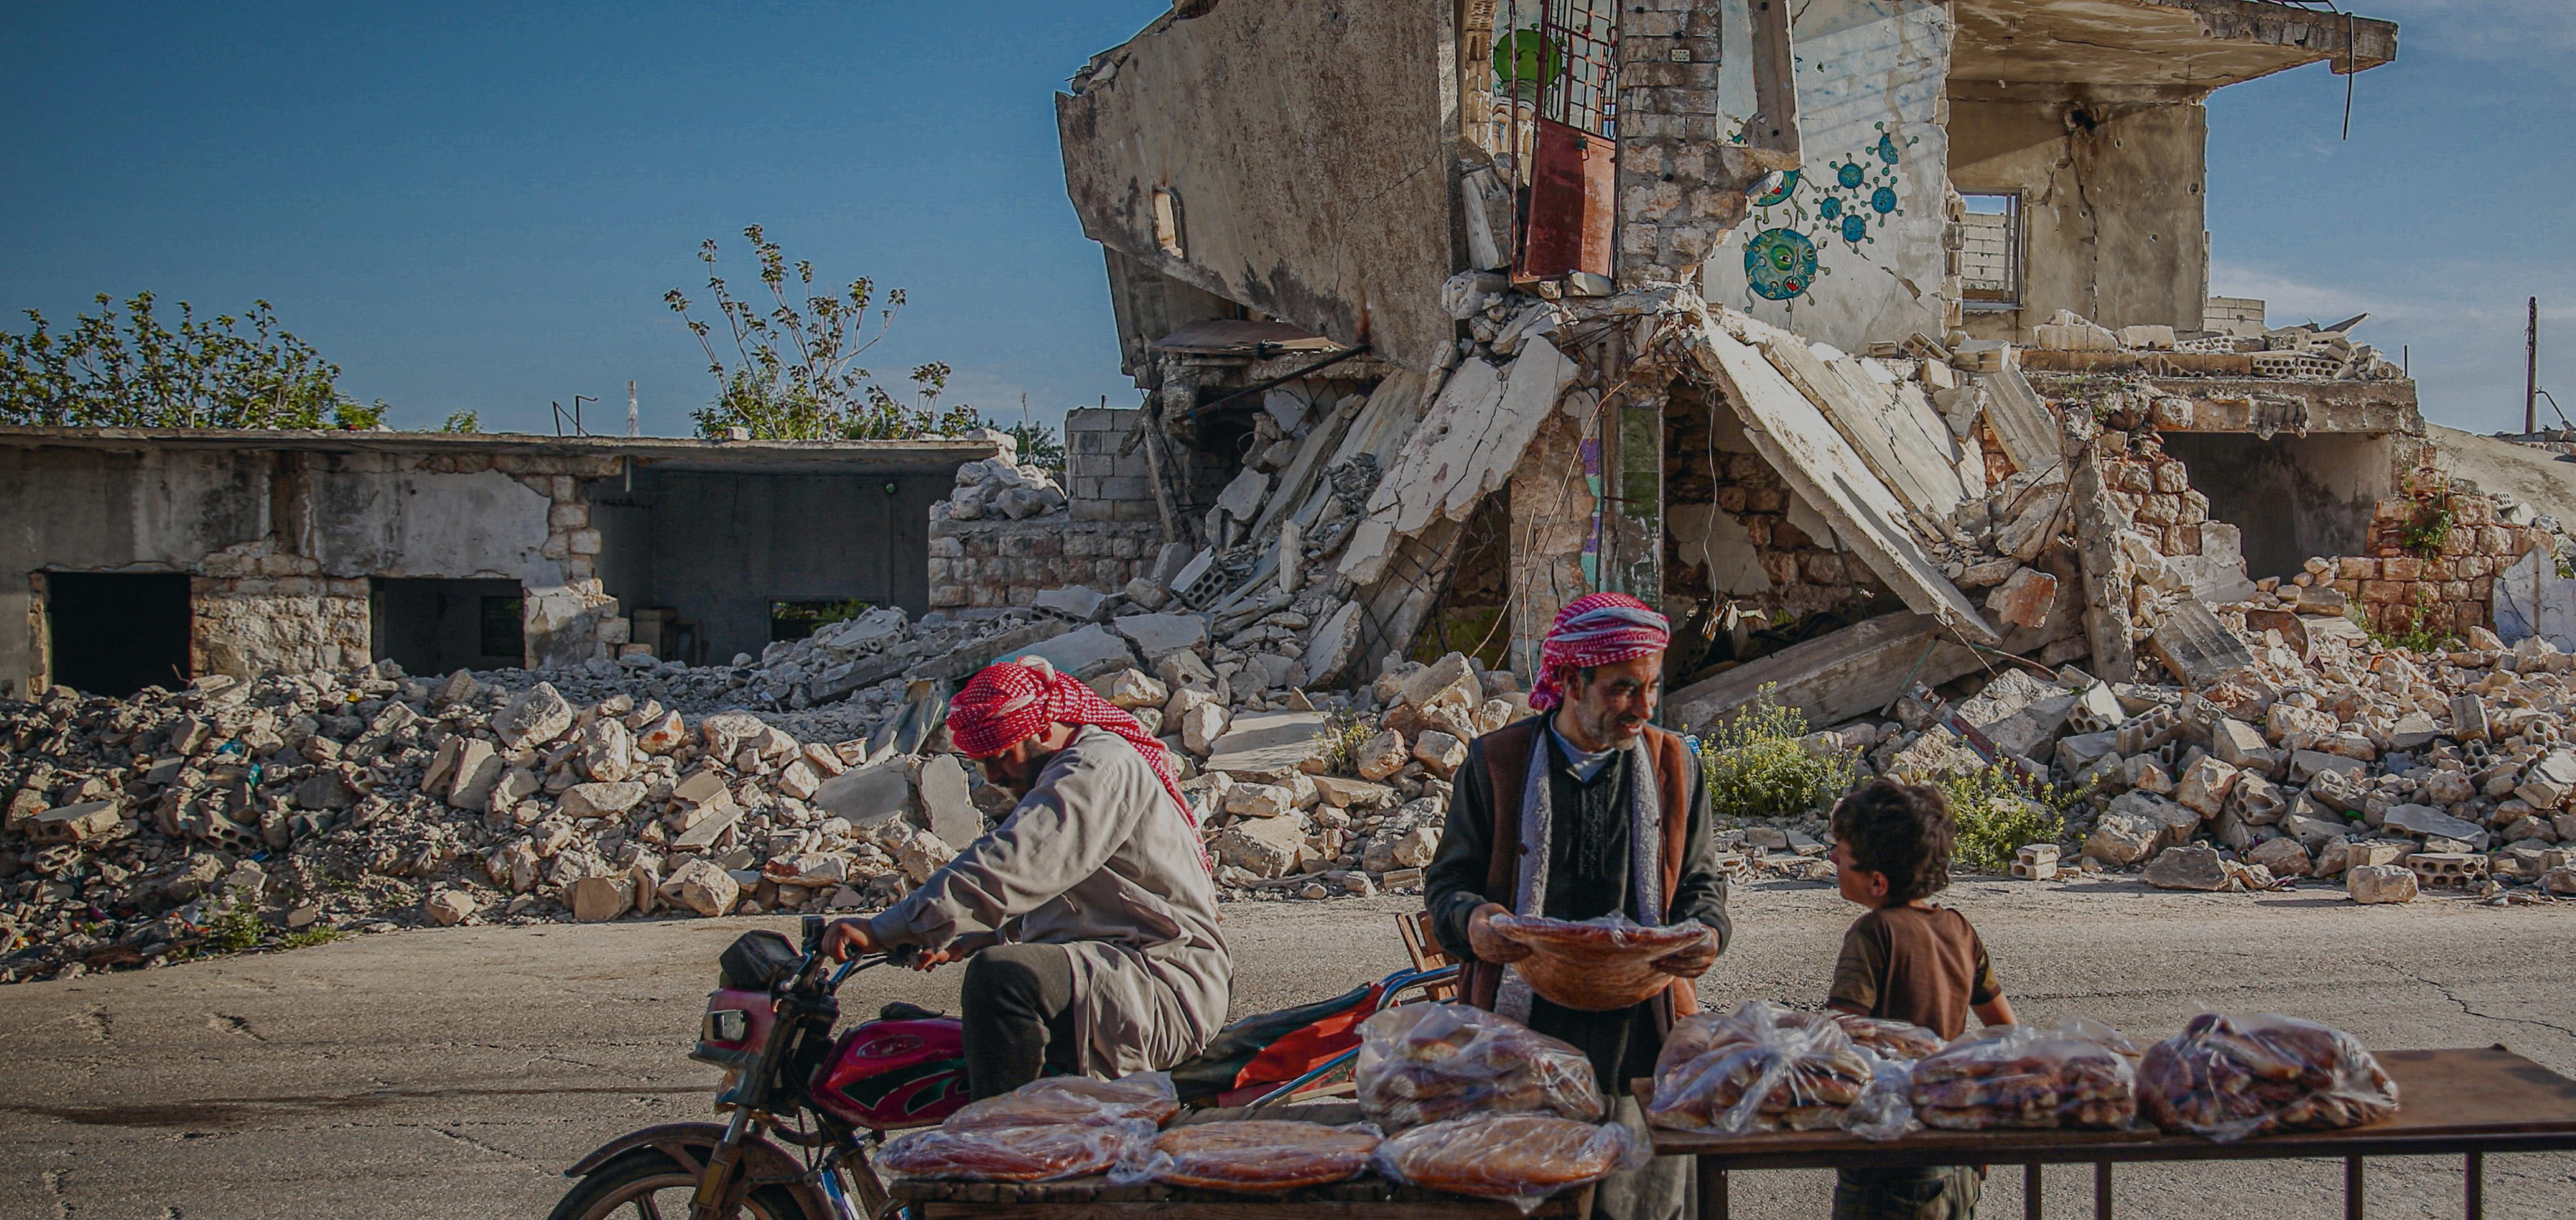 Los habitantes de Idlib, Siria, comparten un pan plano y redondo tradicional durante el mes sagrado del Ramadán.